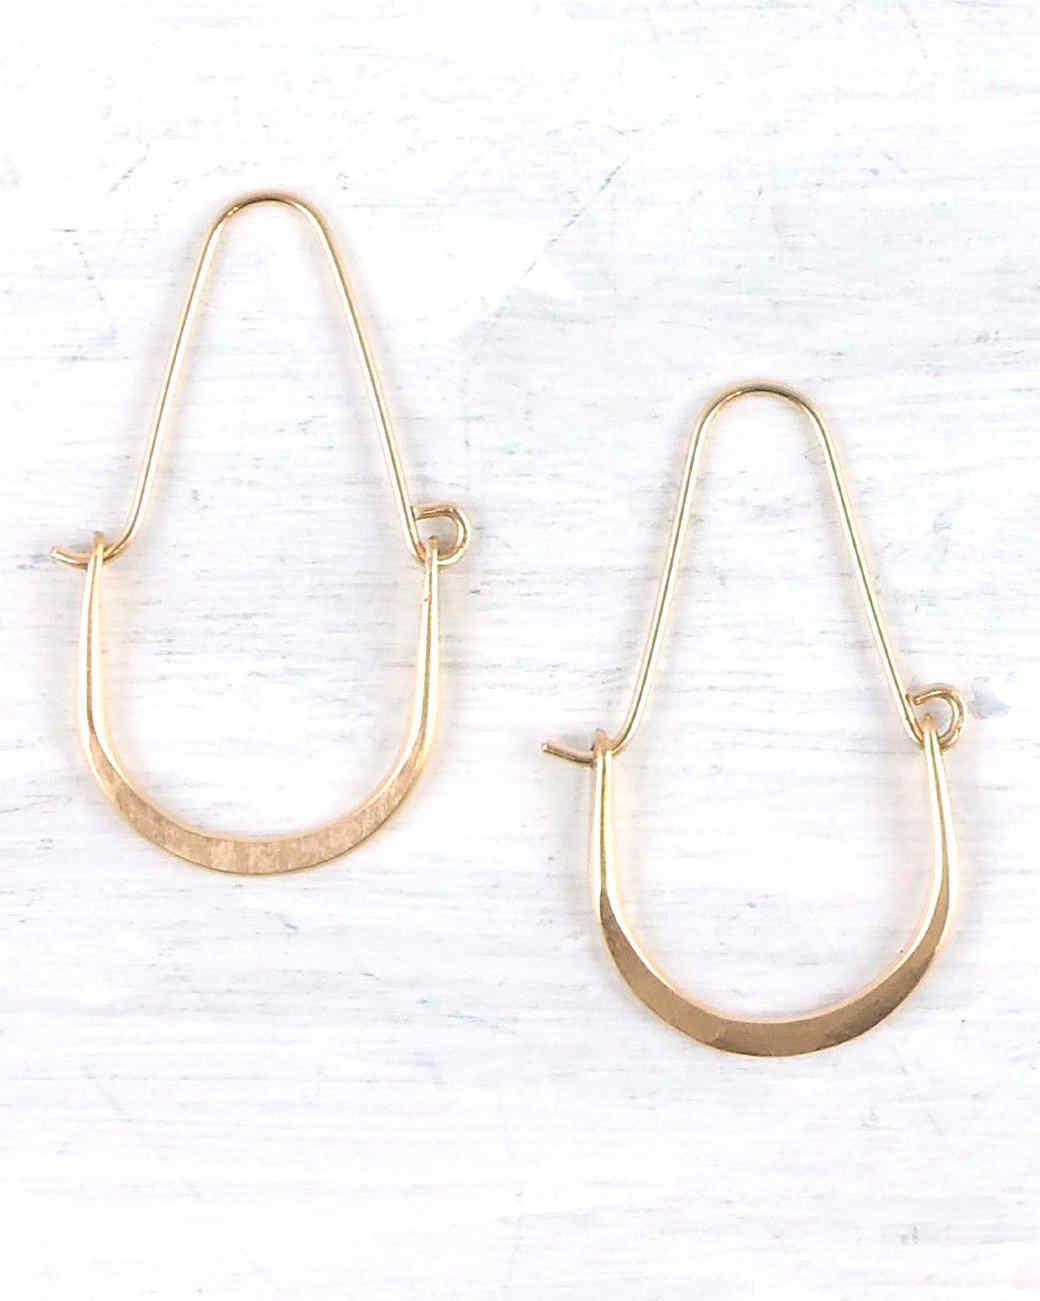 failjewlery-good-fortune-14k-gold-hoop-earrings1015.jpg